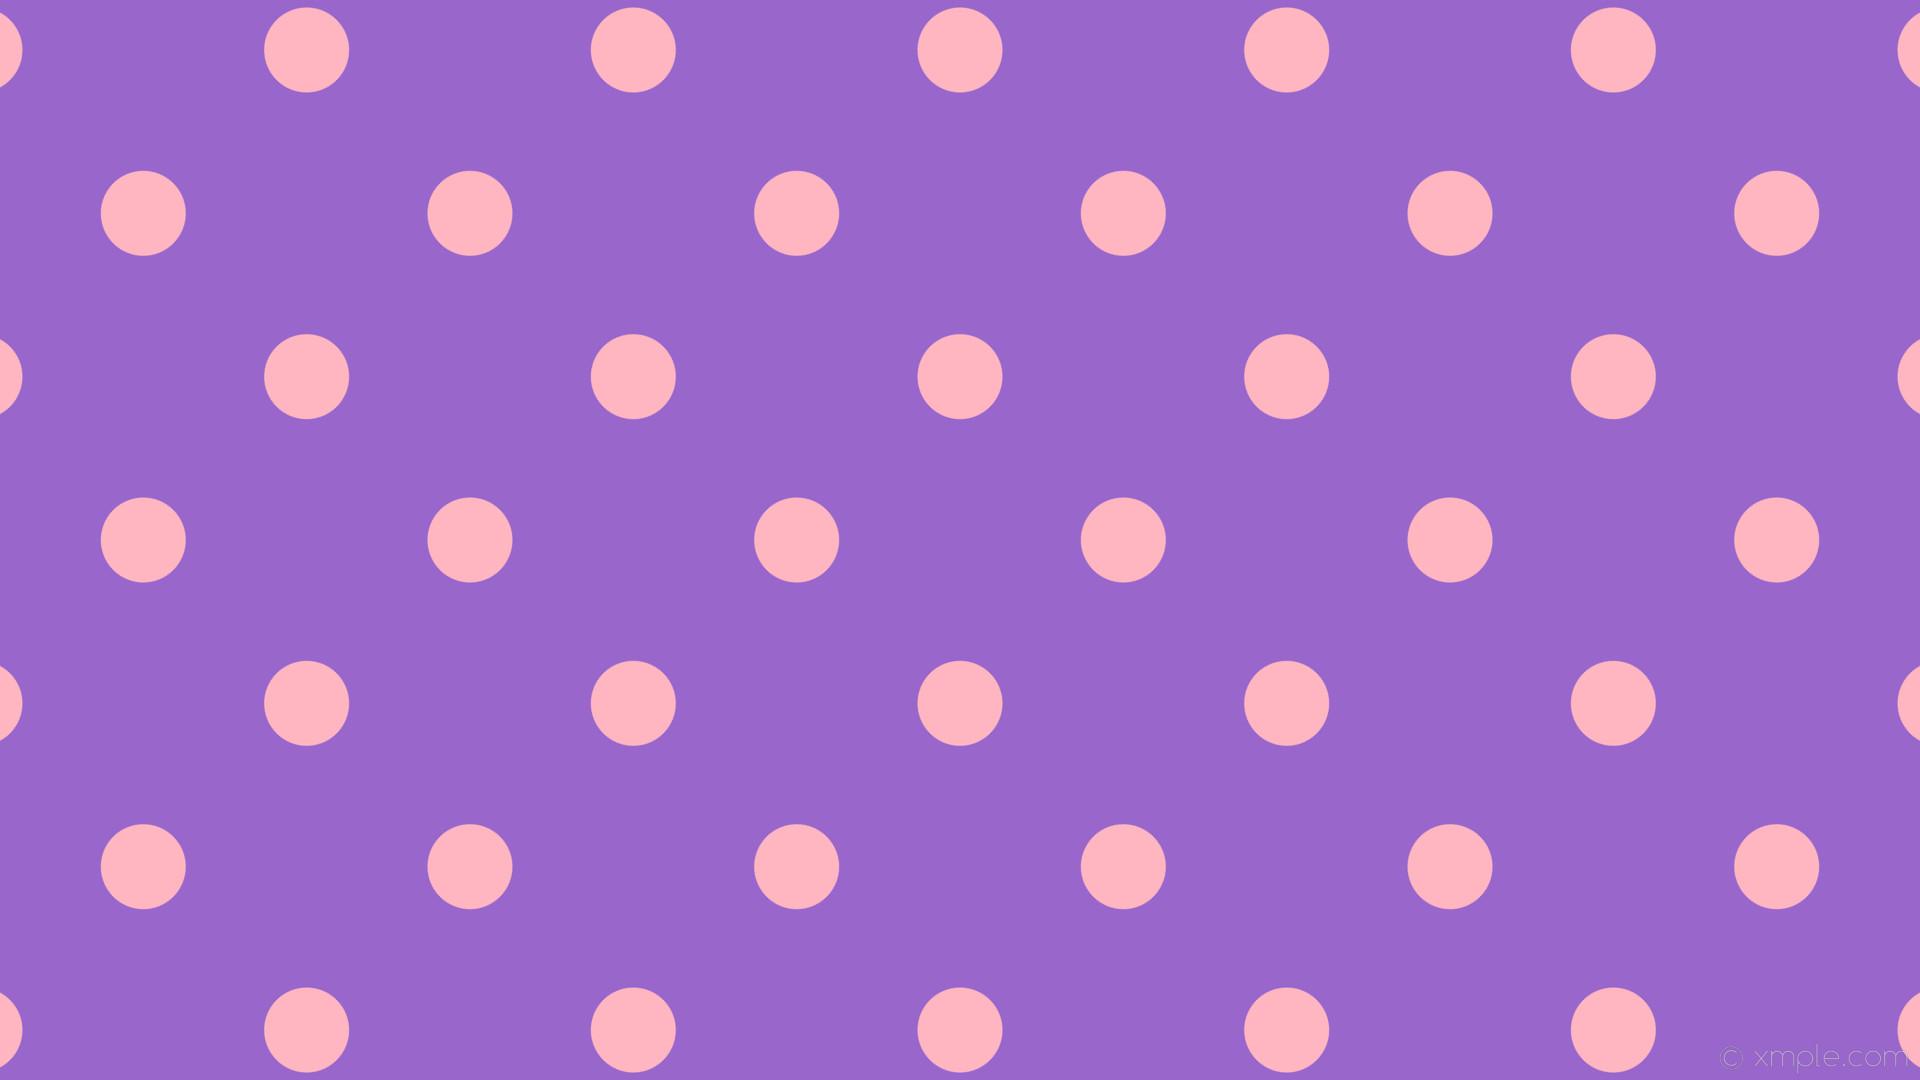 wallpaper purple polka pink dots spots amethyst light pink #9966cc #ffb6c1  225° 85px